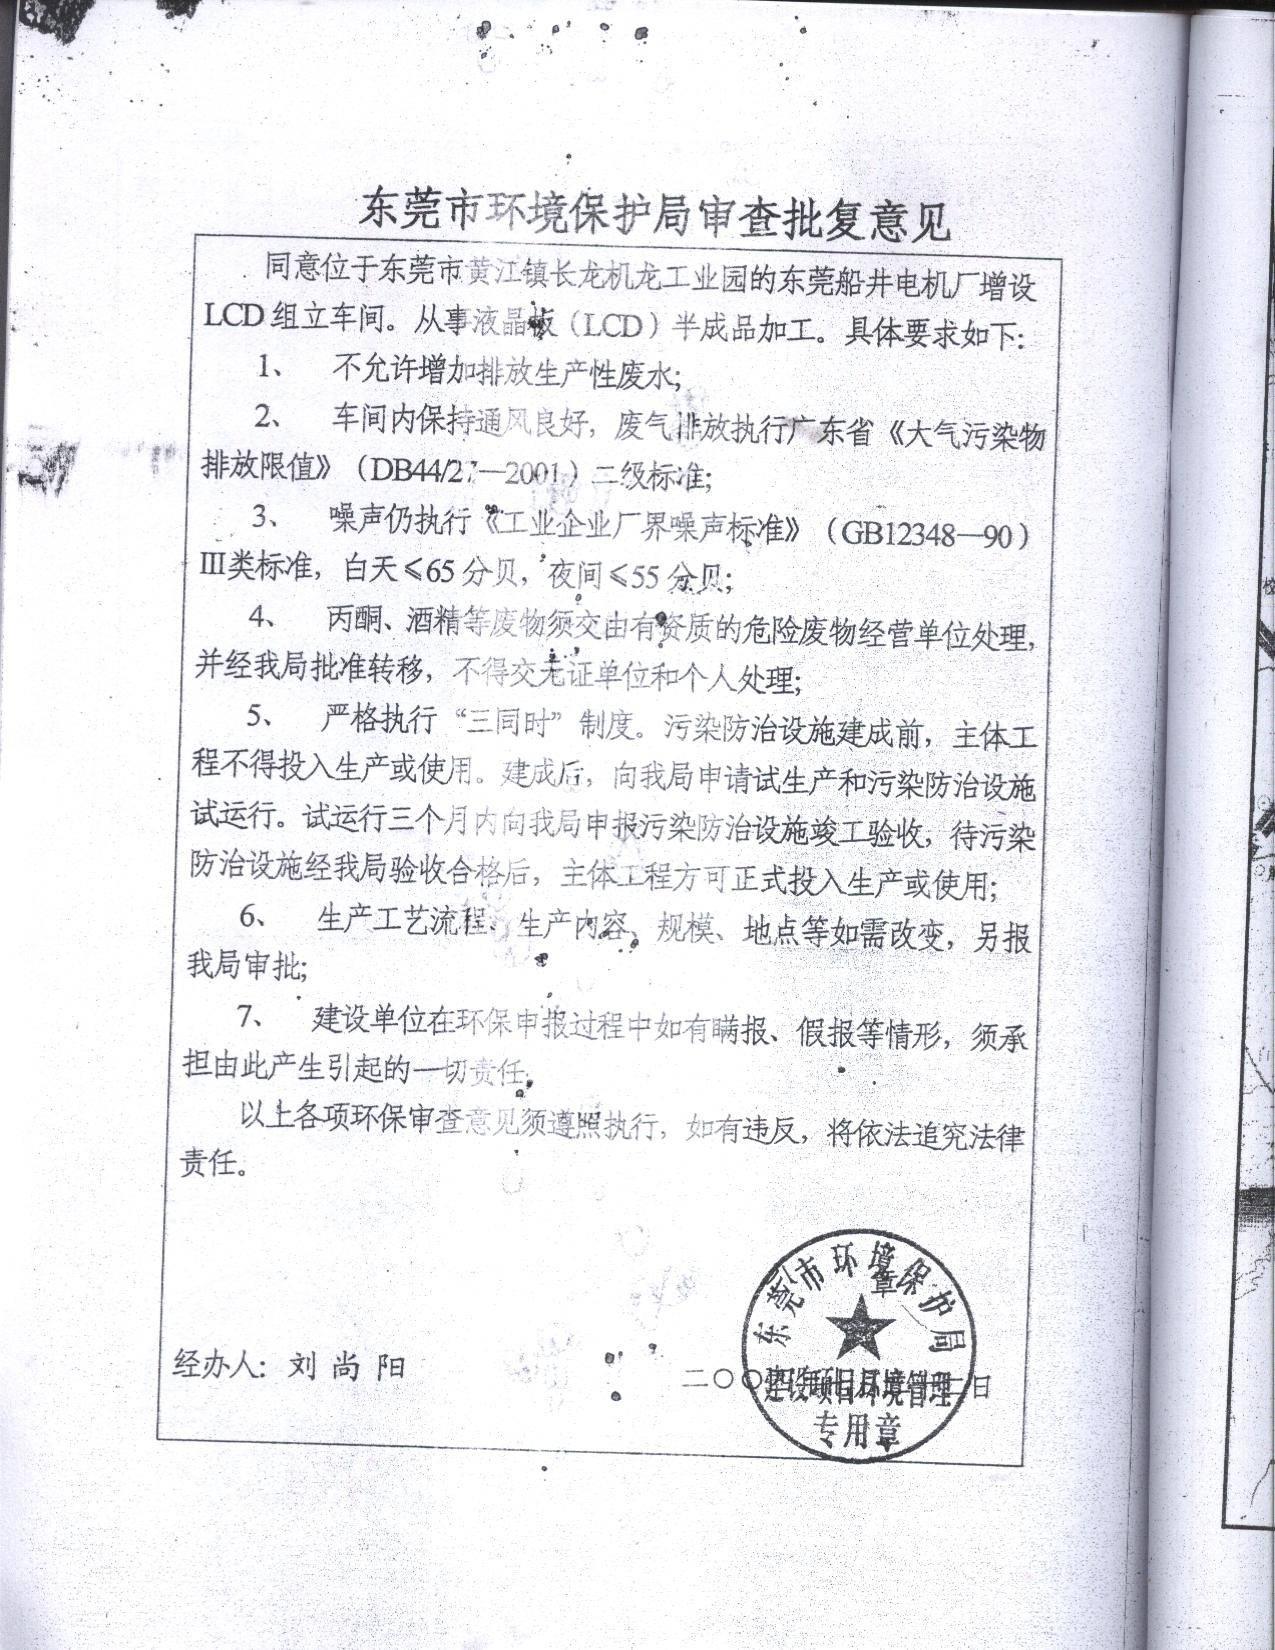 東莞環評,專業辦理環評審批